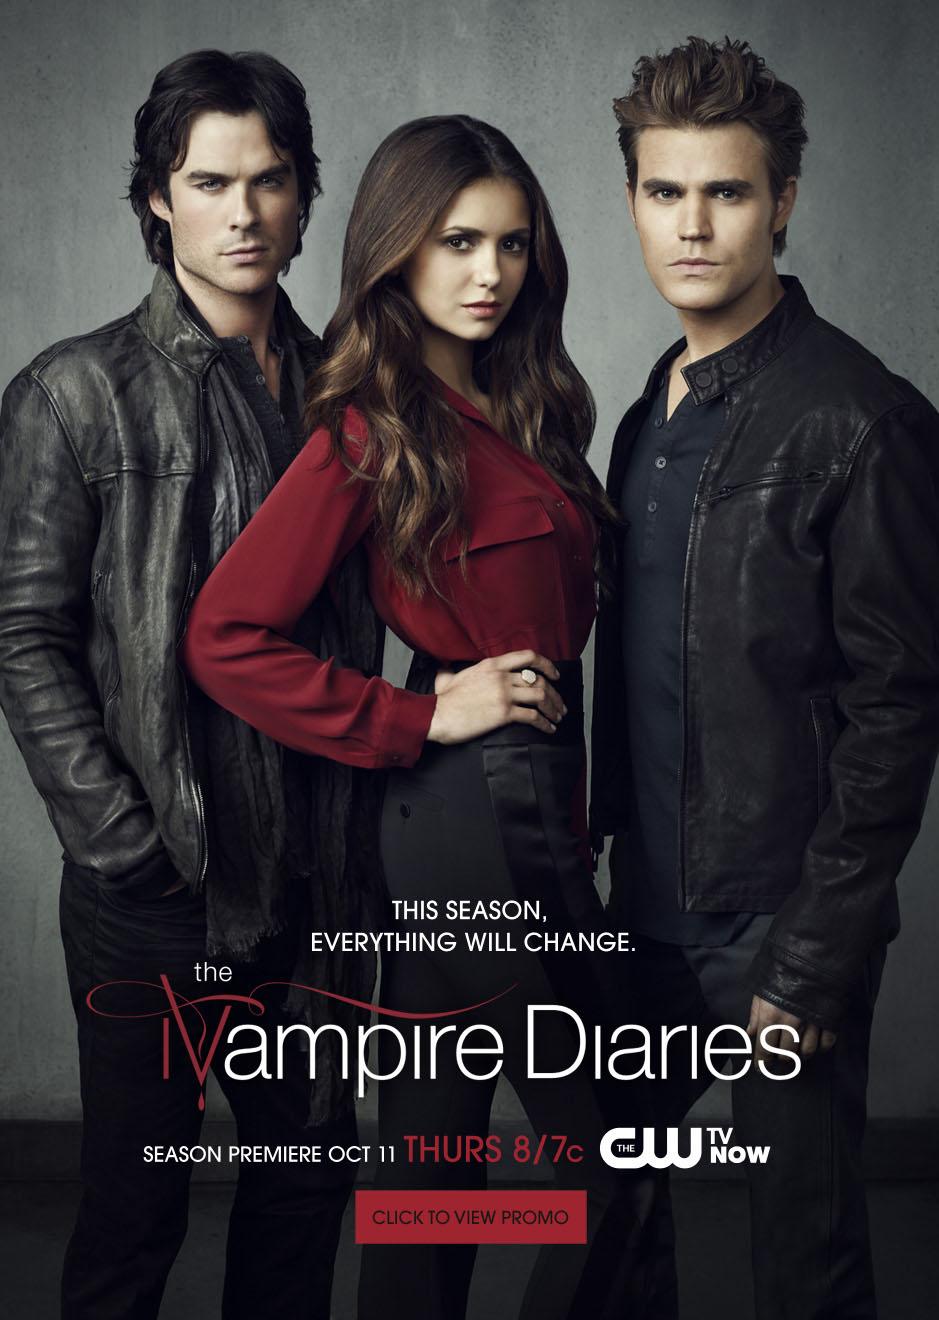 The Vampire Diaries Season 6 Episodes